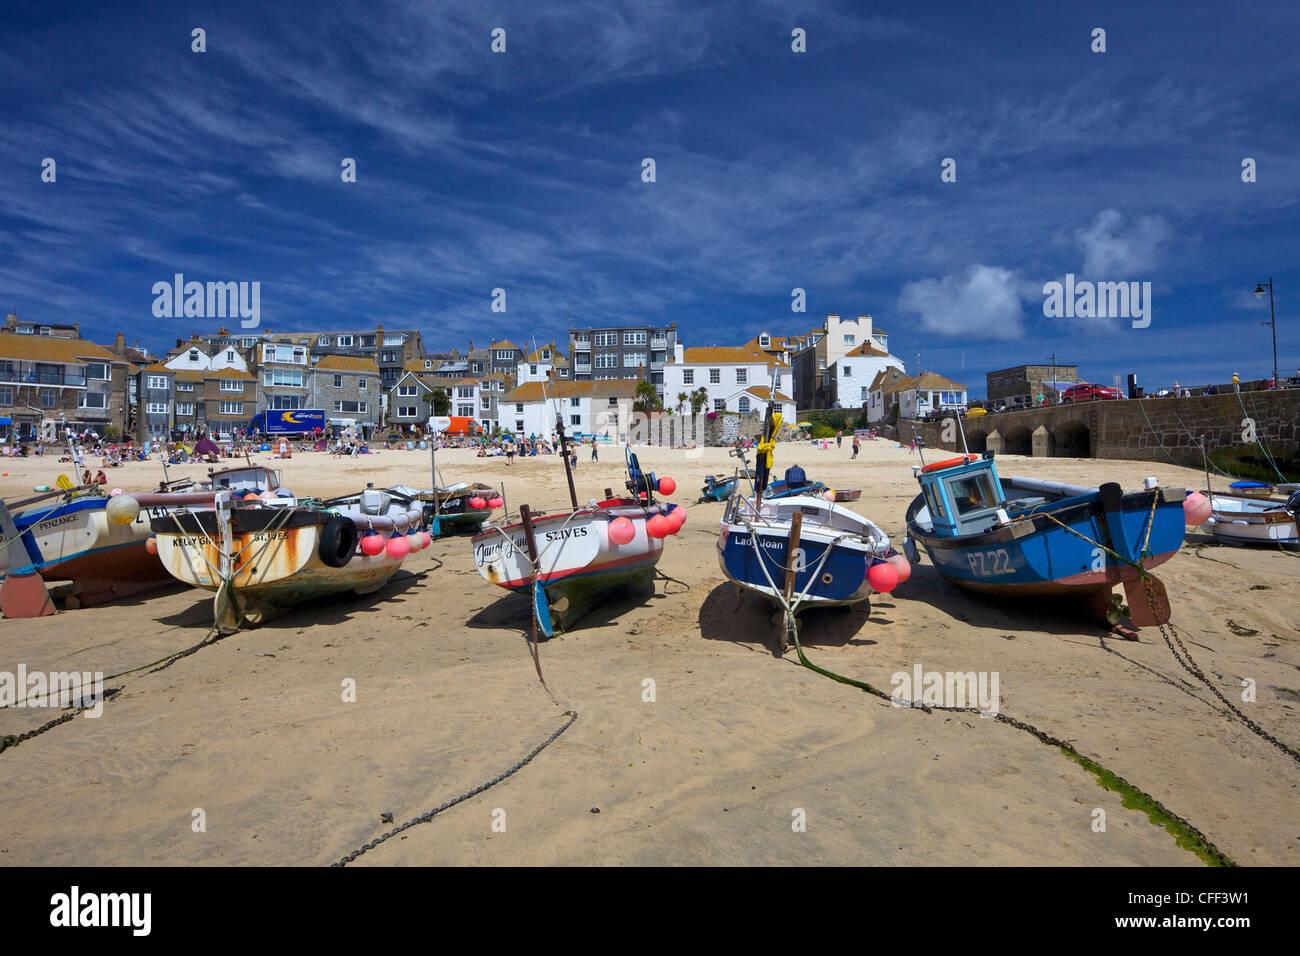 Angelboote/Fischerboote im alten Hafen, St. Ives, Cornwall, England, Vereinigtes Königreich, Europa Stockbild